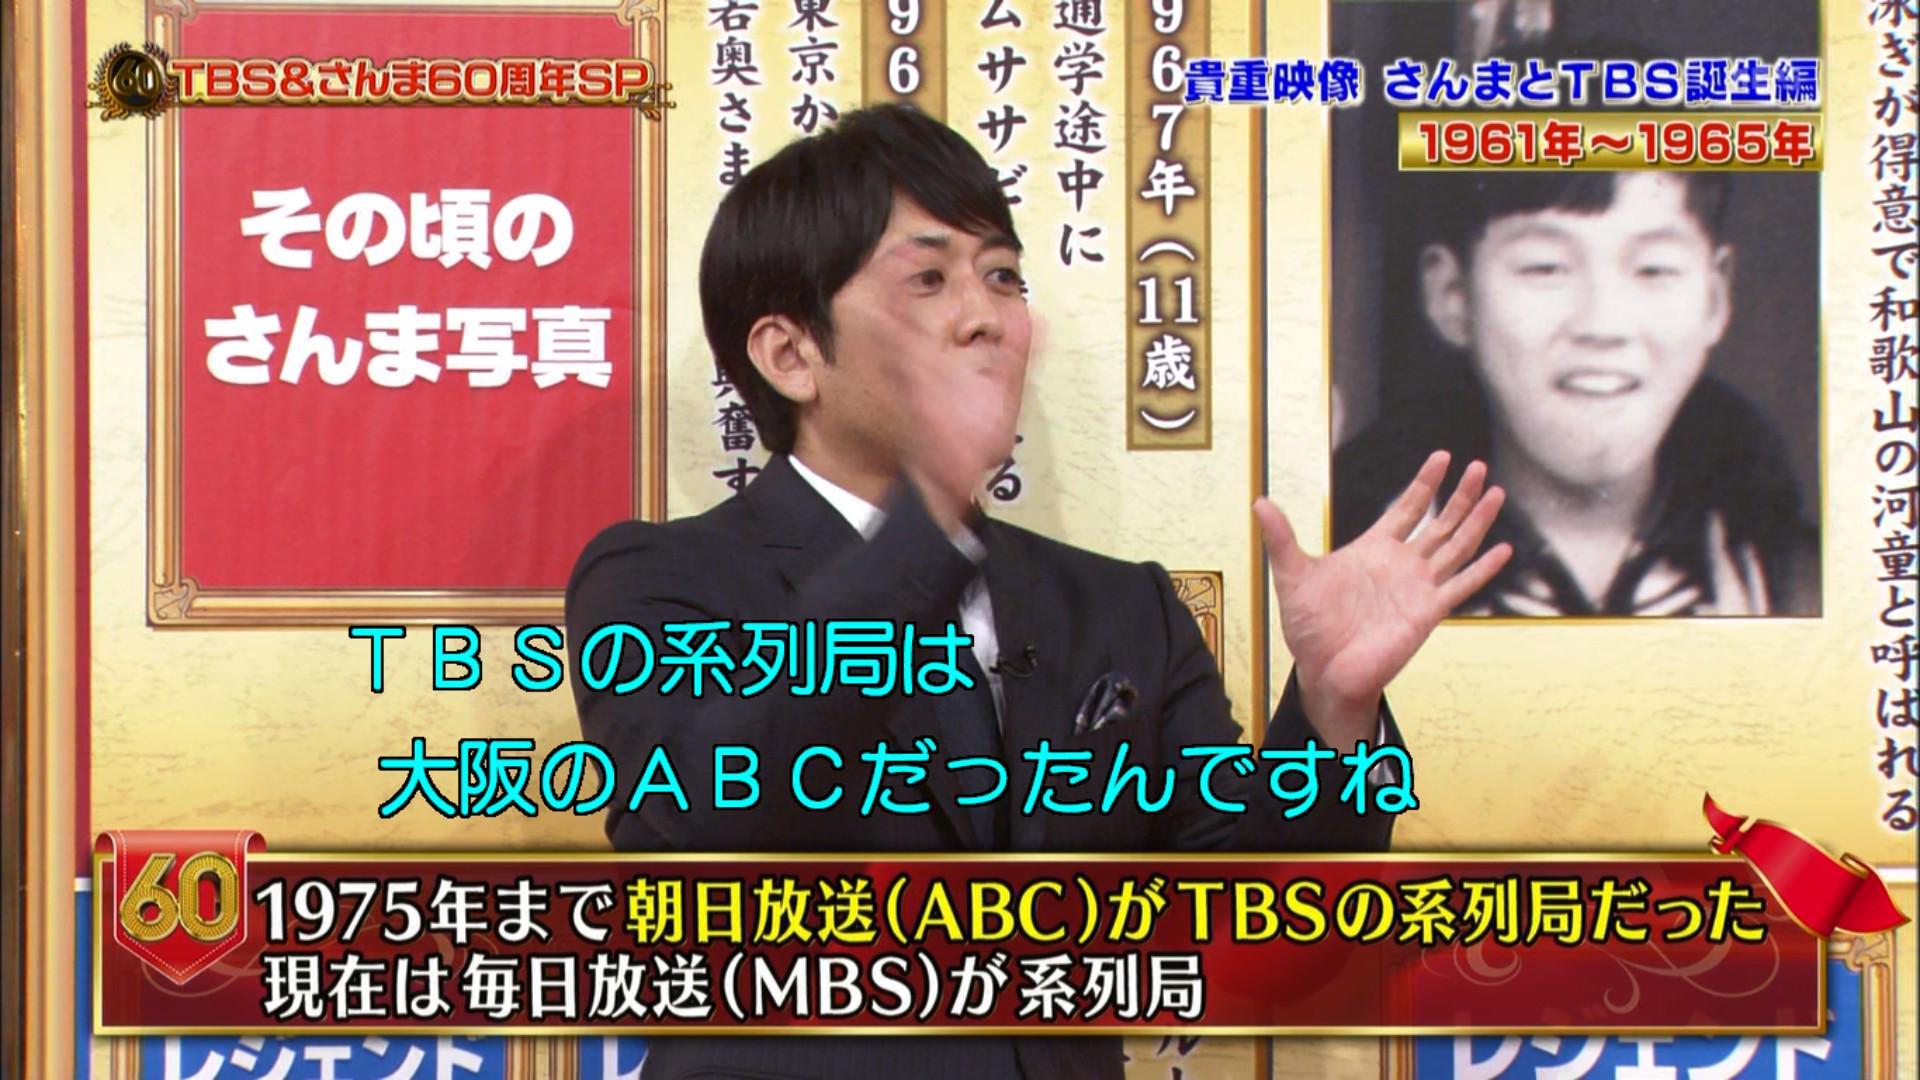 ニュース 朝日 放送